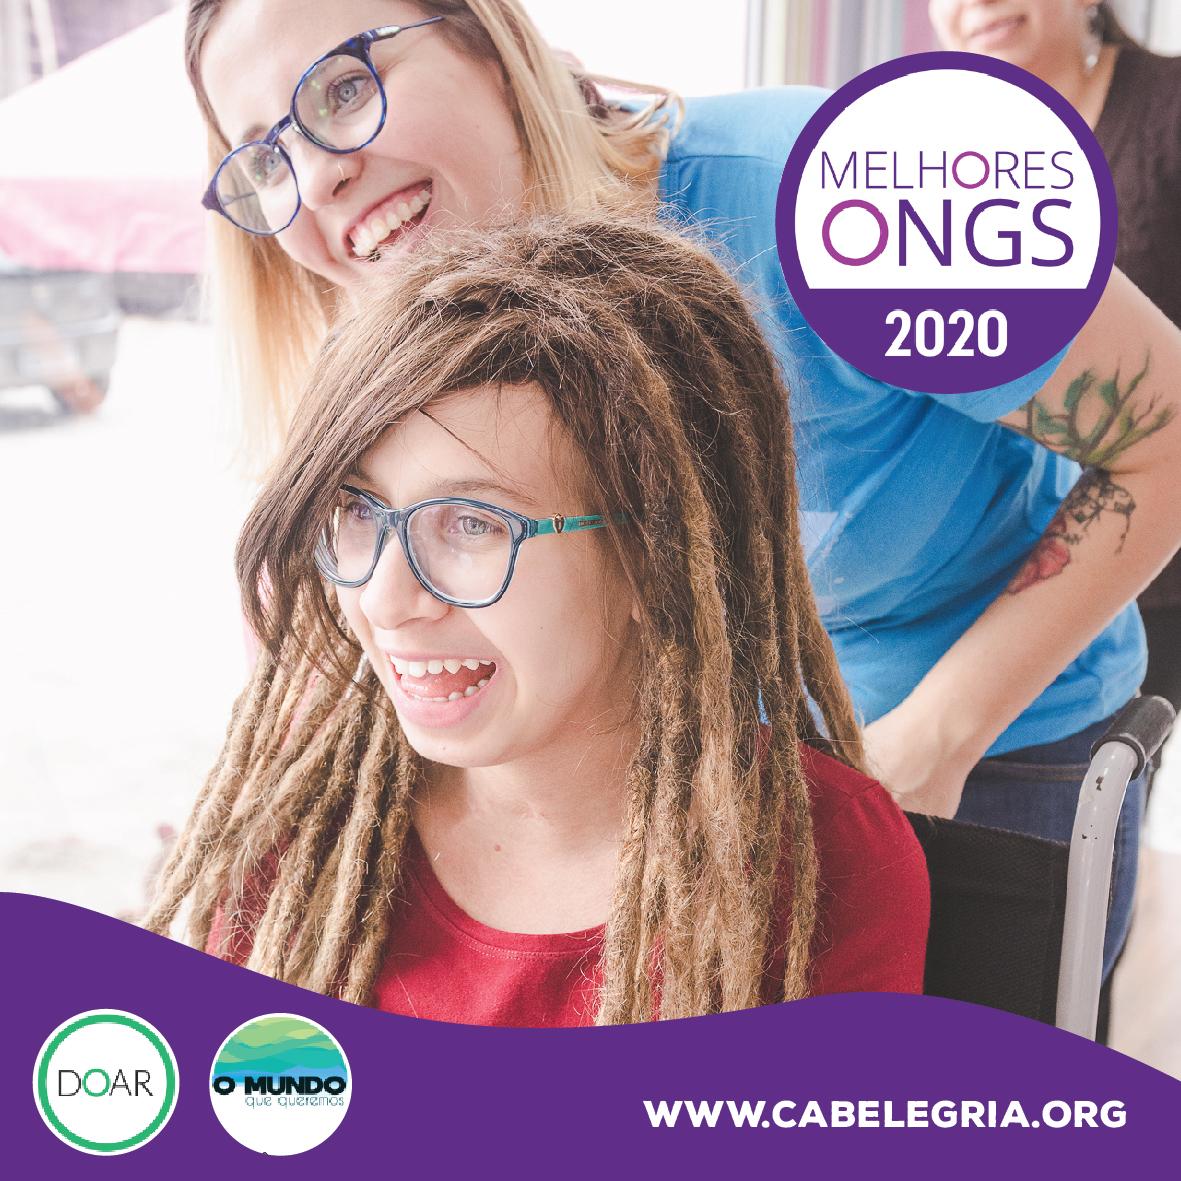 Melhores ONGs 2020